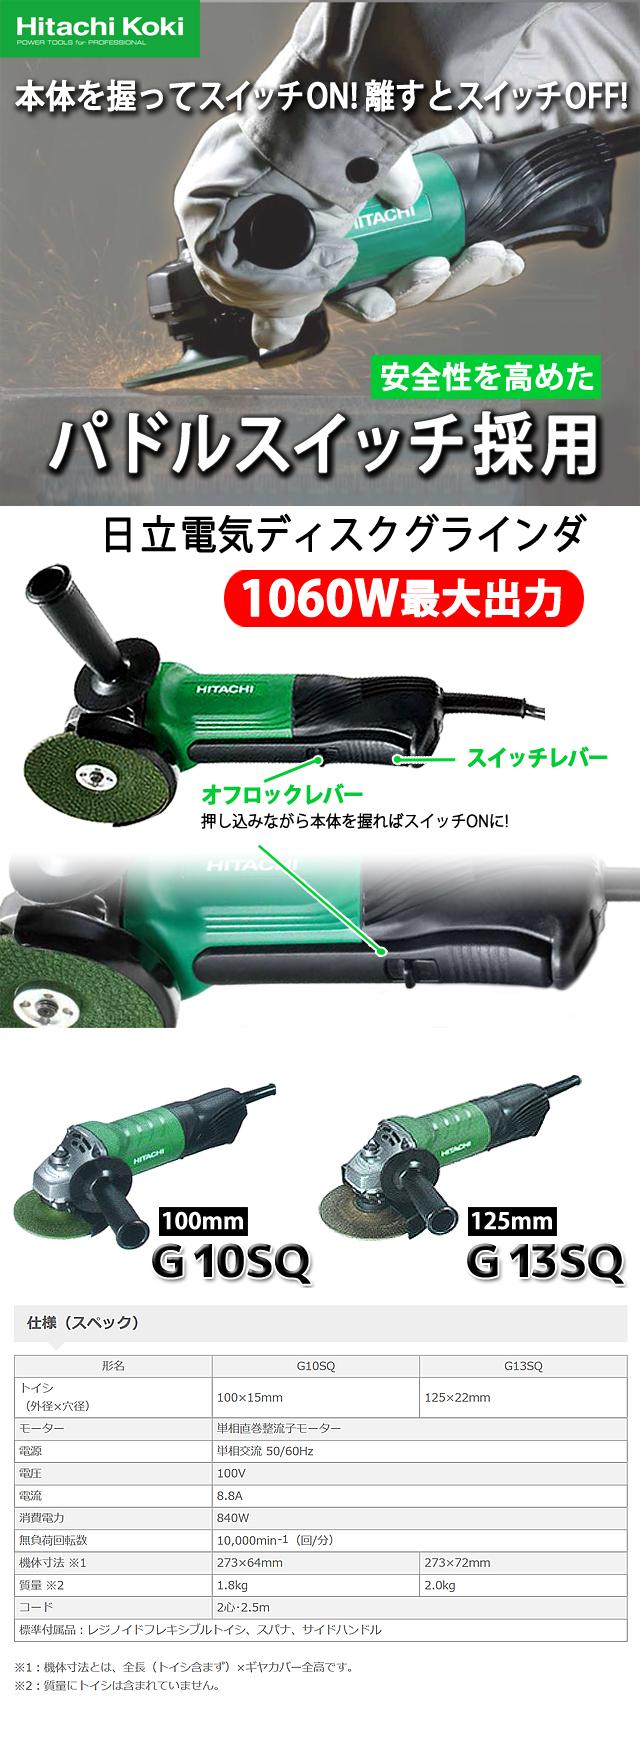 日立 125mm電気ディスクグラインダG13SQ